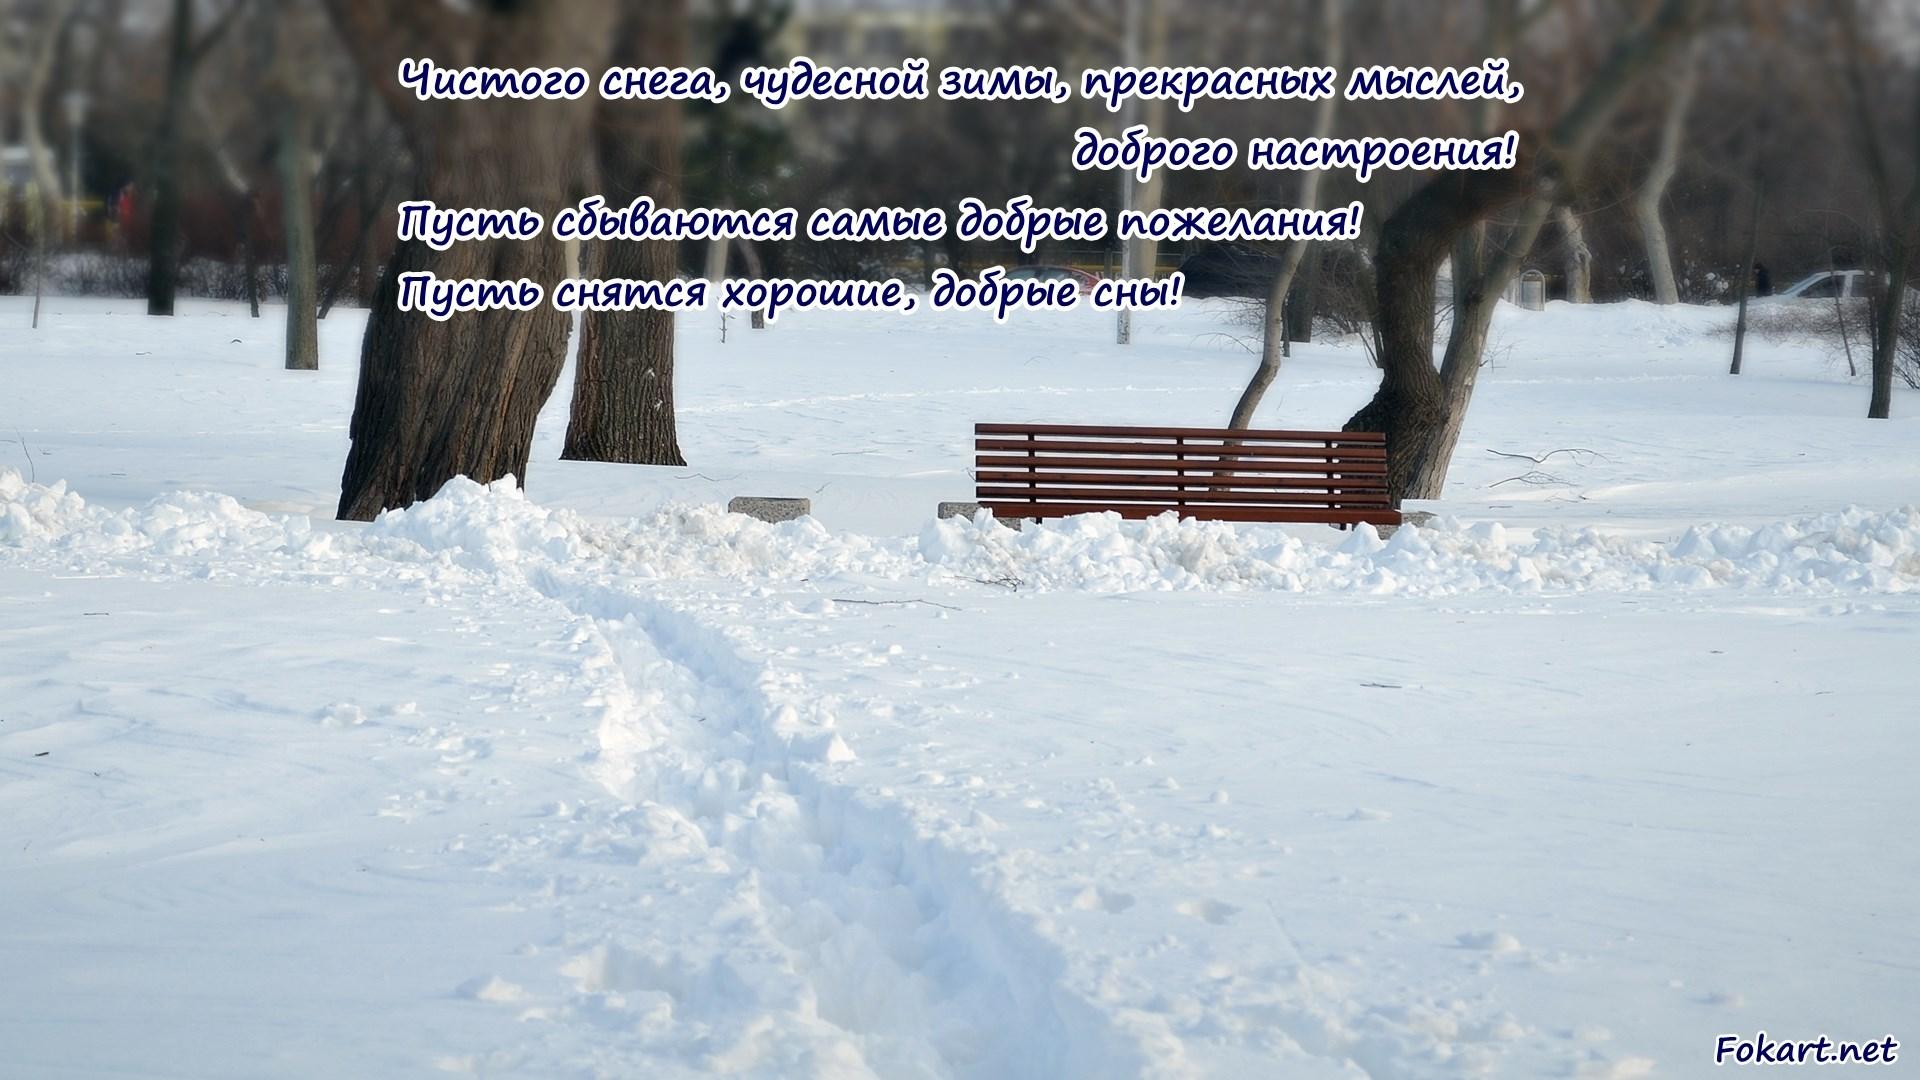 Чистый белый снег в парке. Картинка на экран с пожеланиями